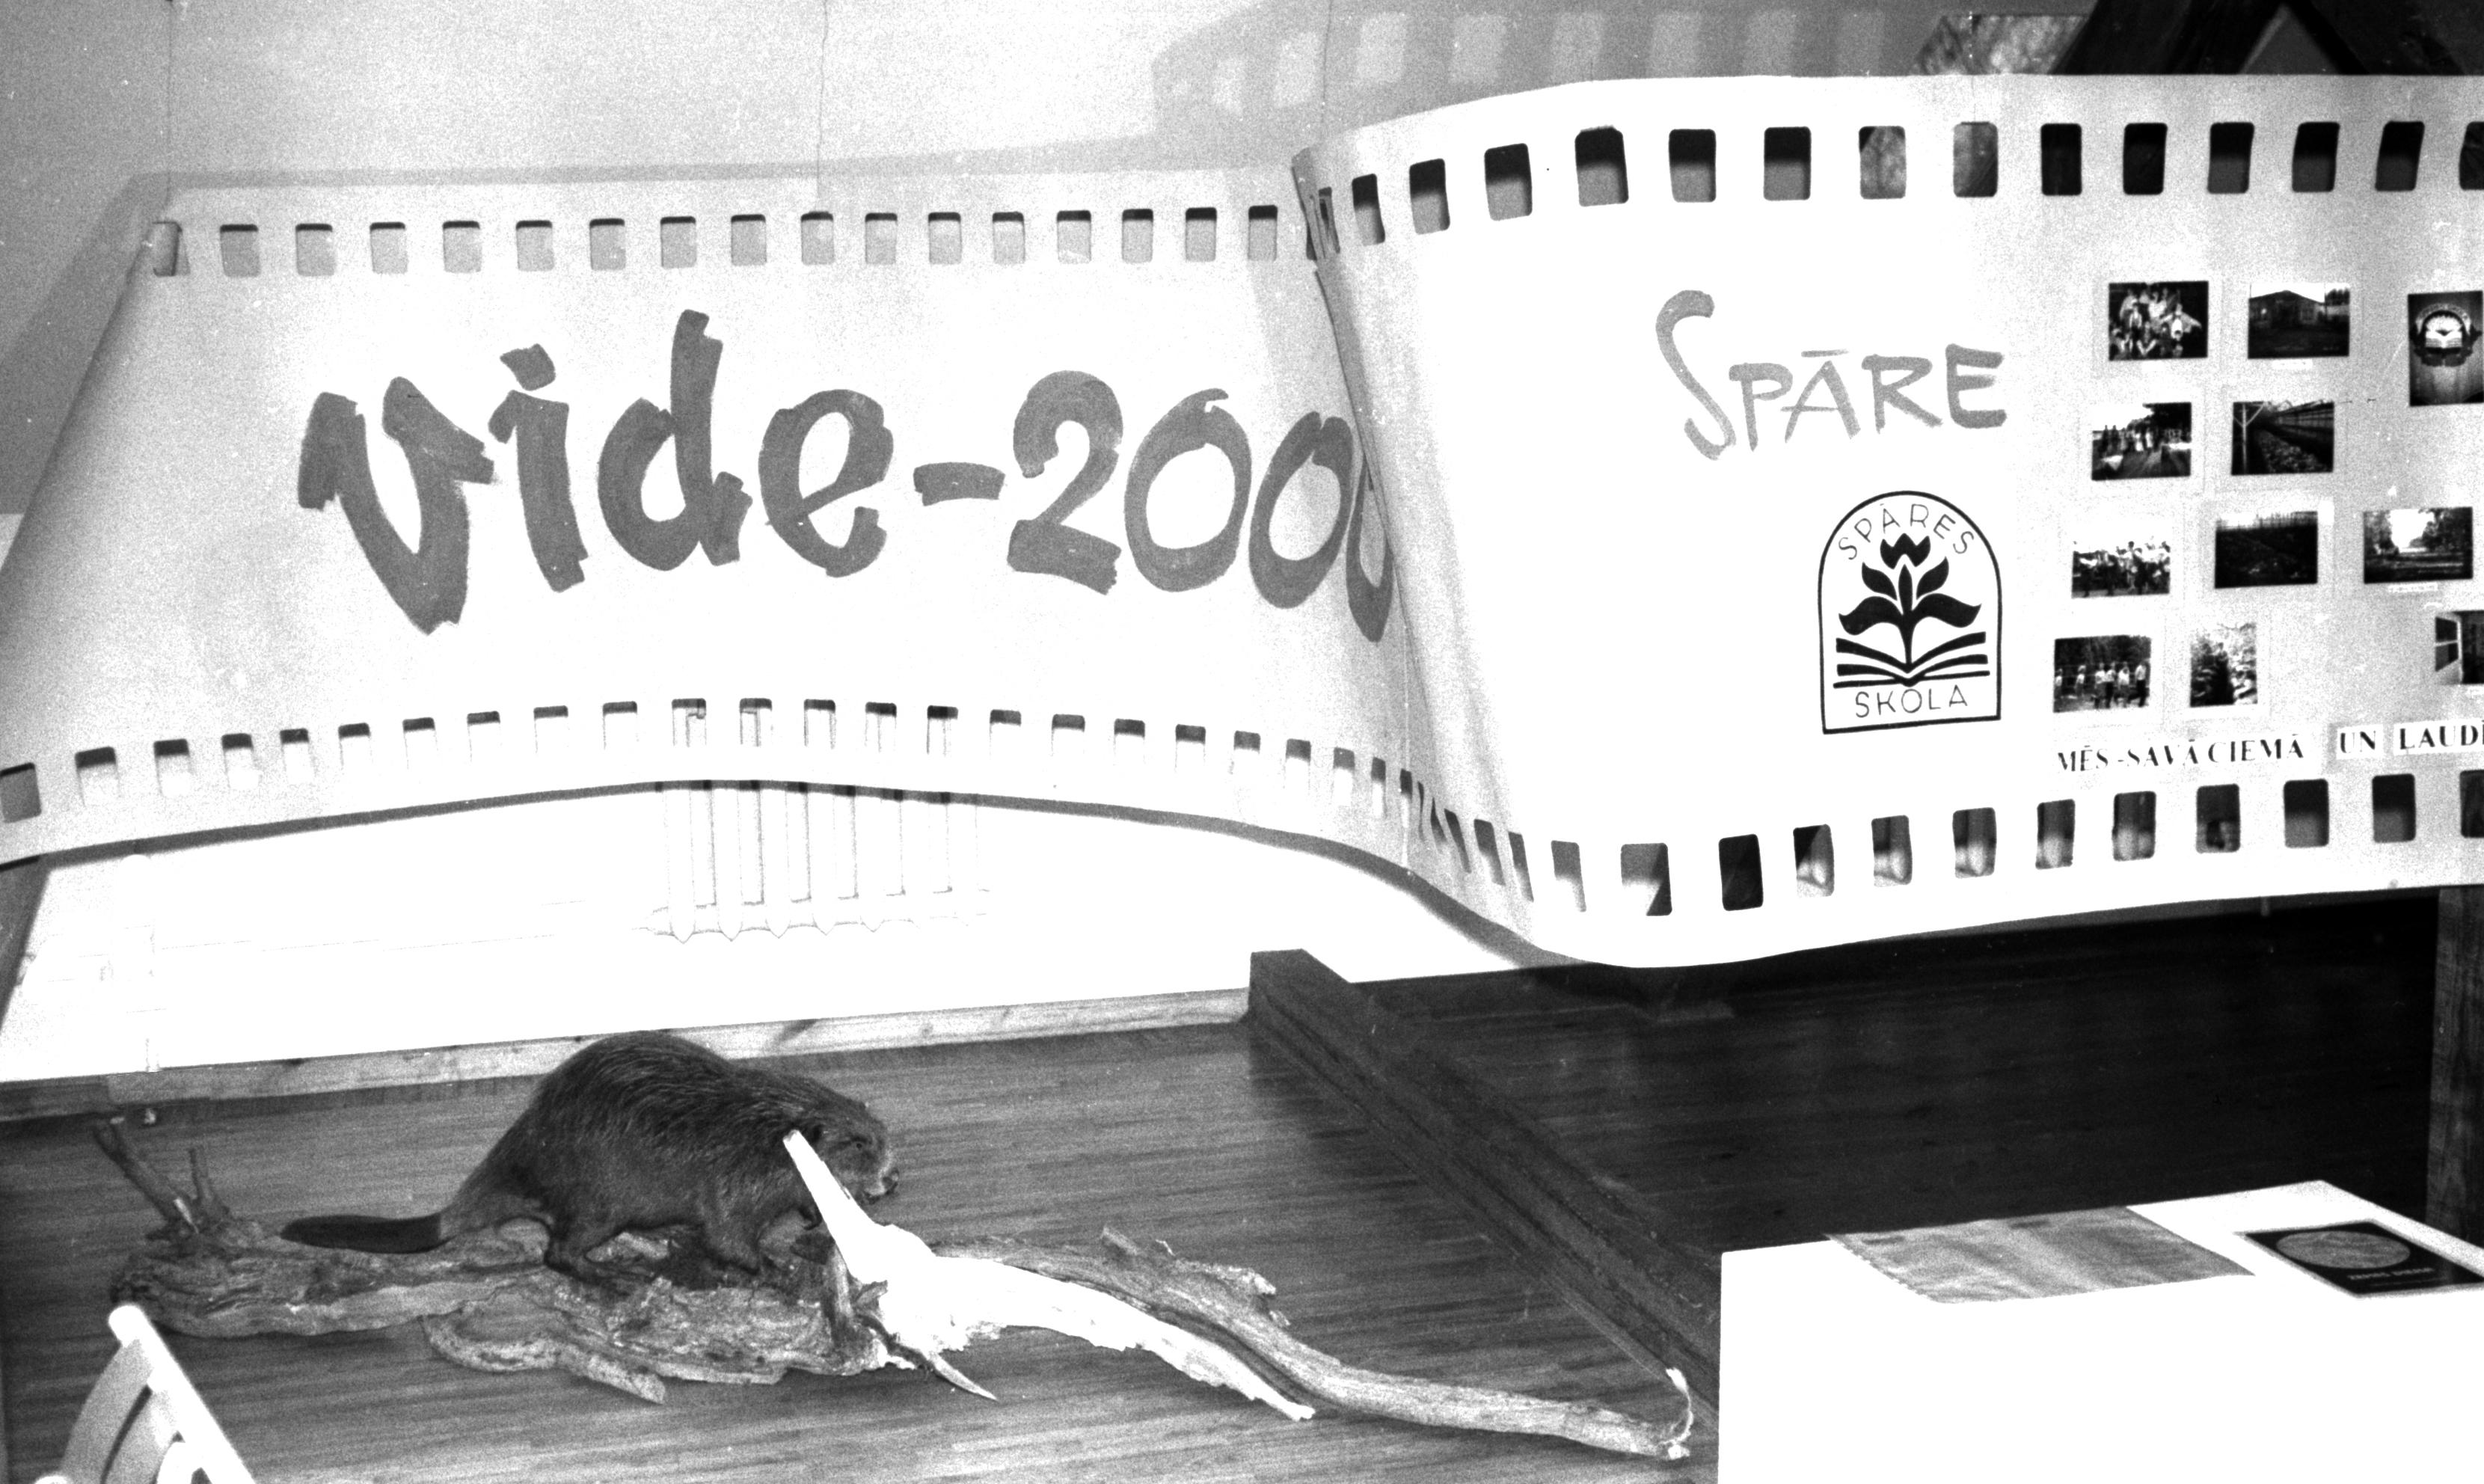 """Izstāde """"Vide-2000"""" Talsu novada muzejā 2000. gadā"""